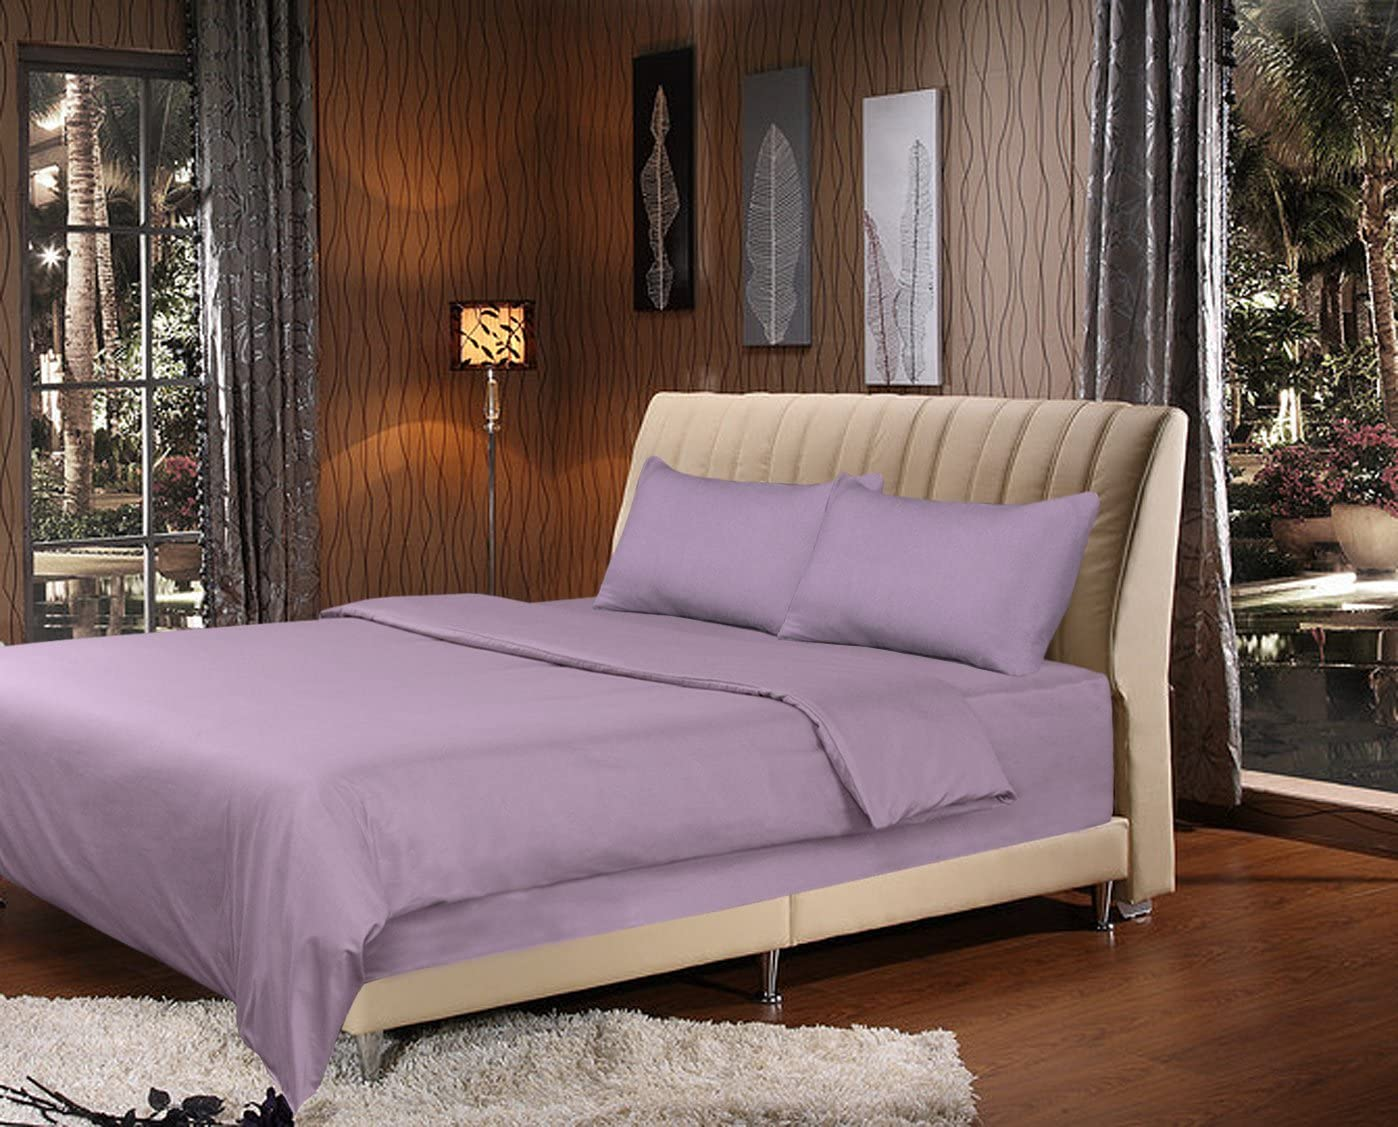 Tache 2 Piece Light Lavender Lilac Purple Duvet Cover Set-Twin XL